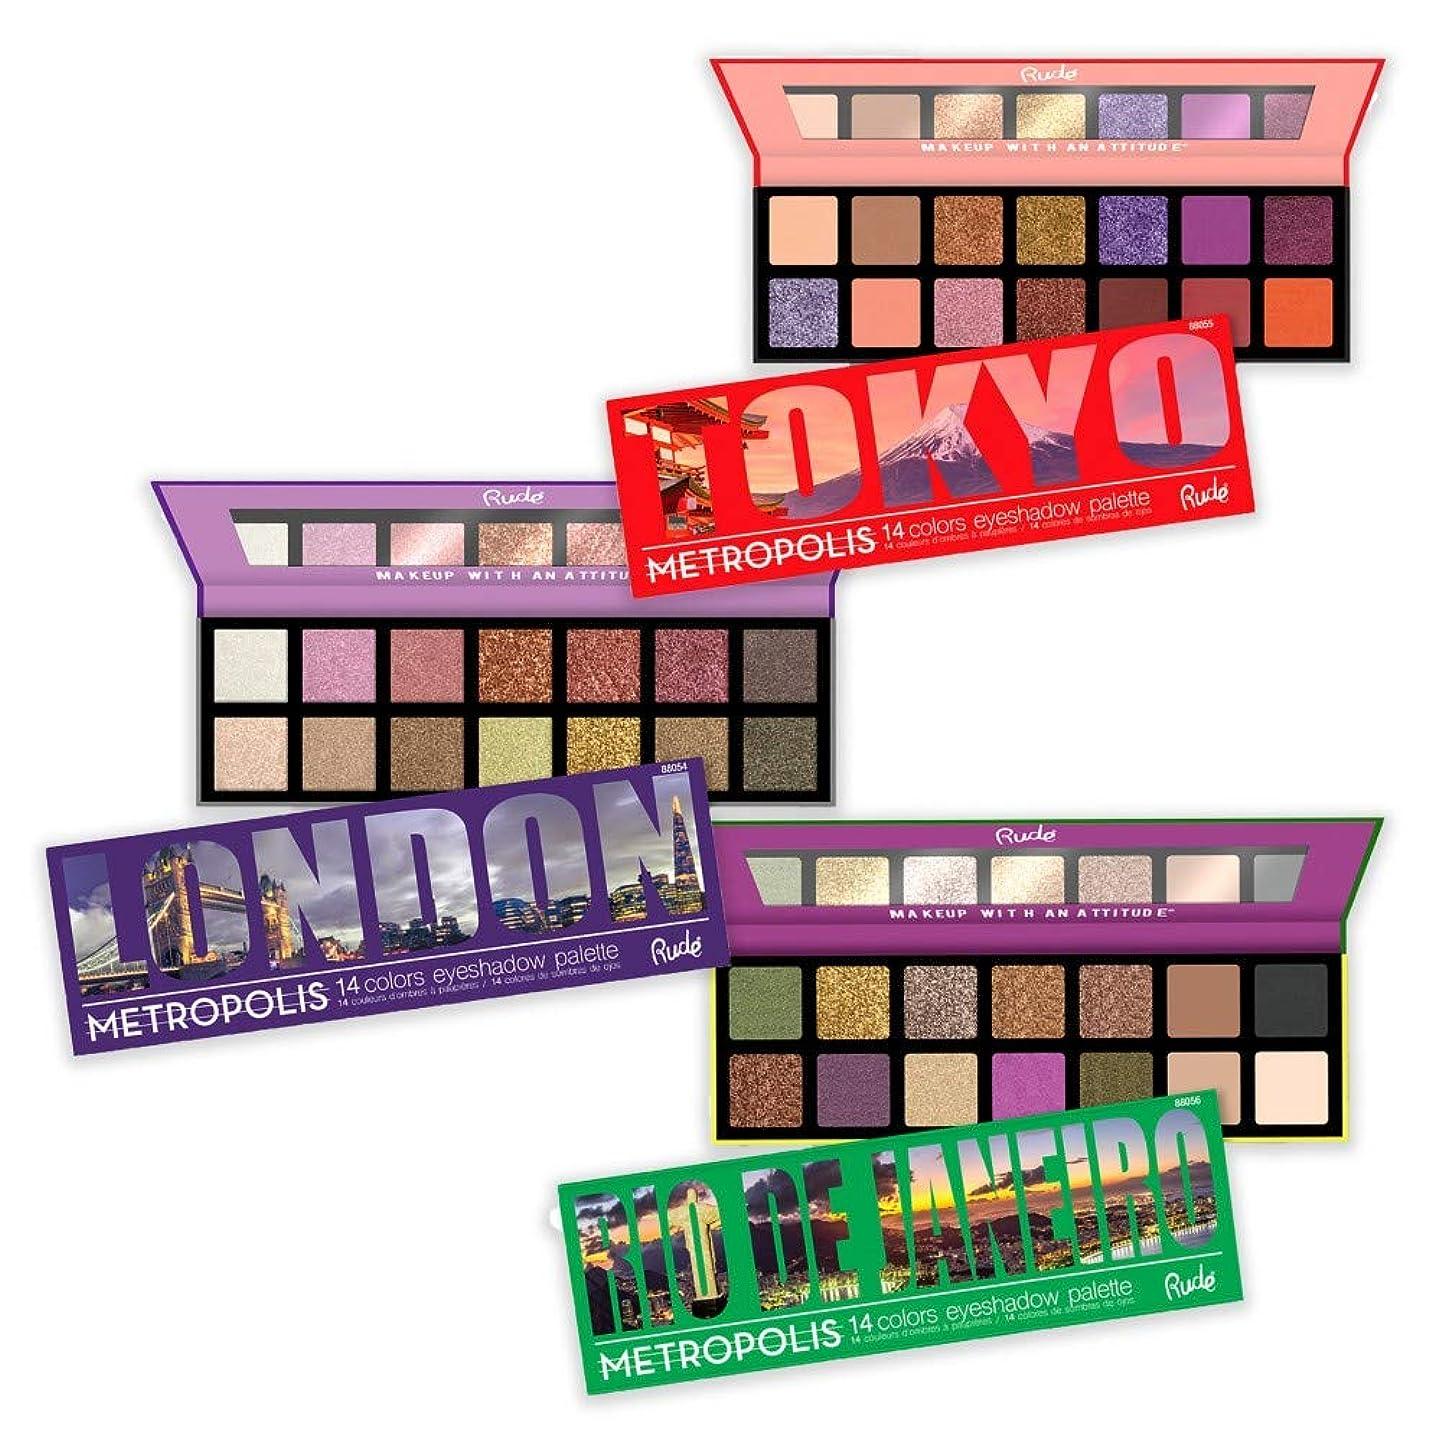 置くためにパックオーバードロー急行する(3 Pack) RUDE Metropolis 14 Color Eyeshadow Palette (BUNDLE) (並行輸入品)